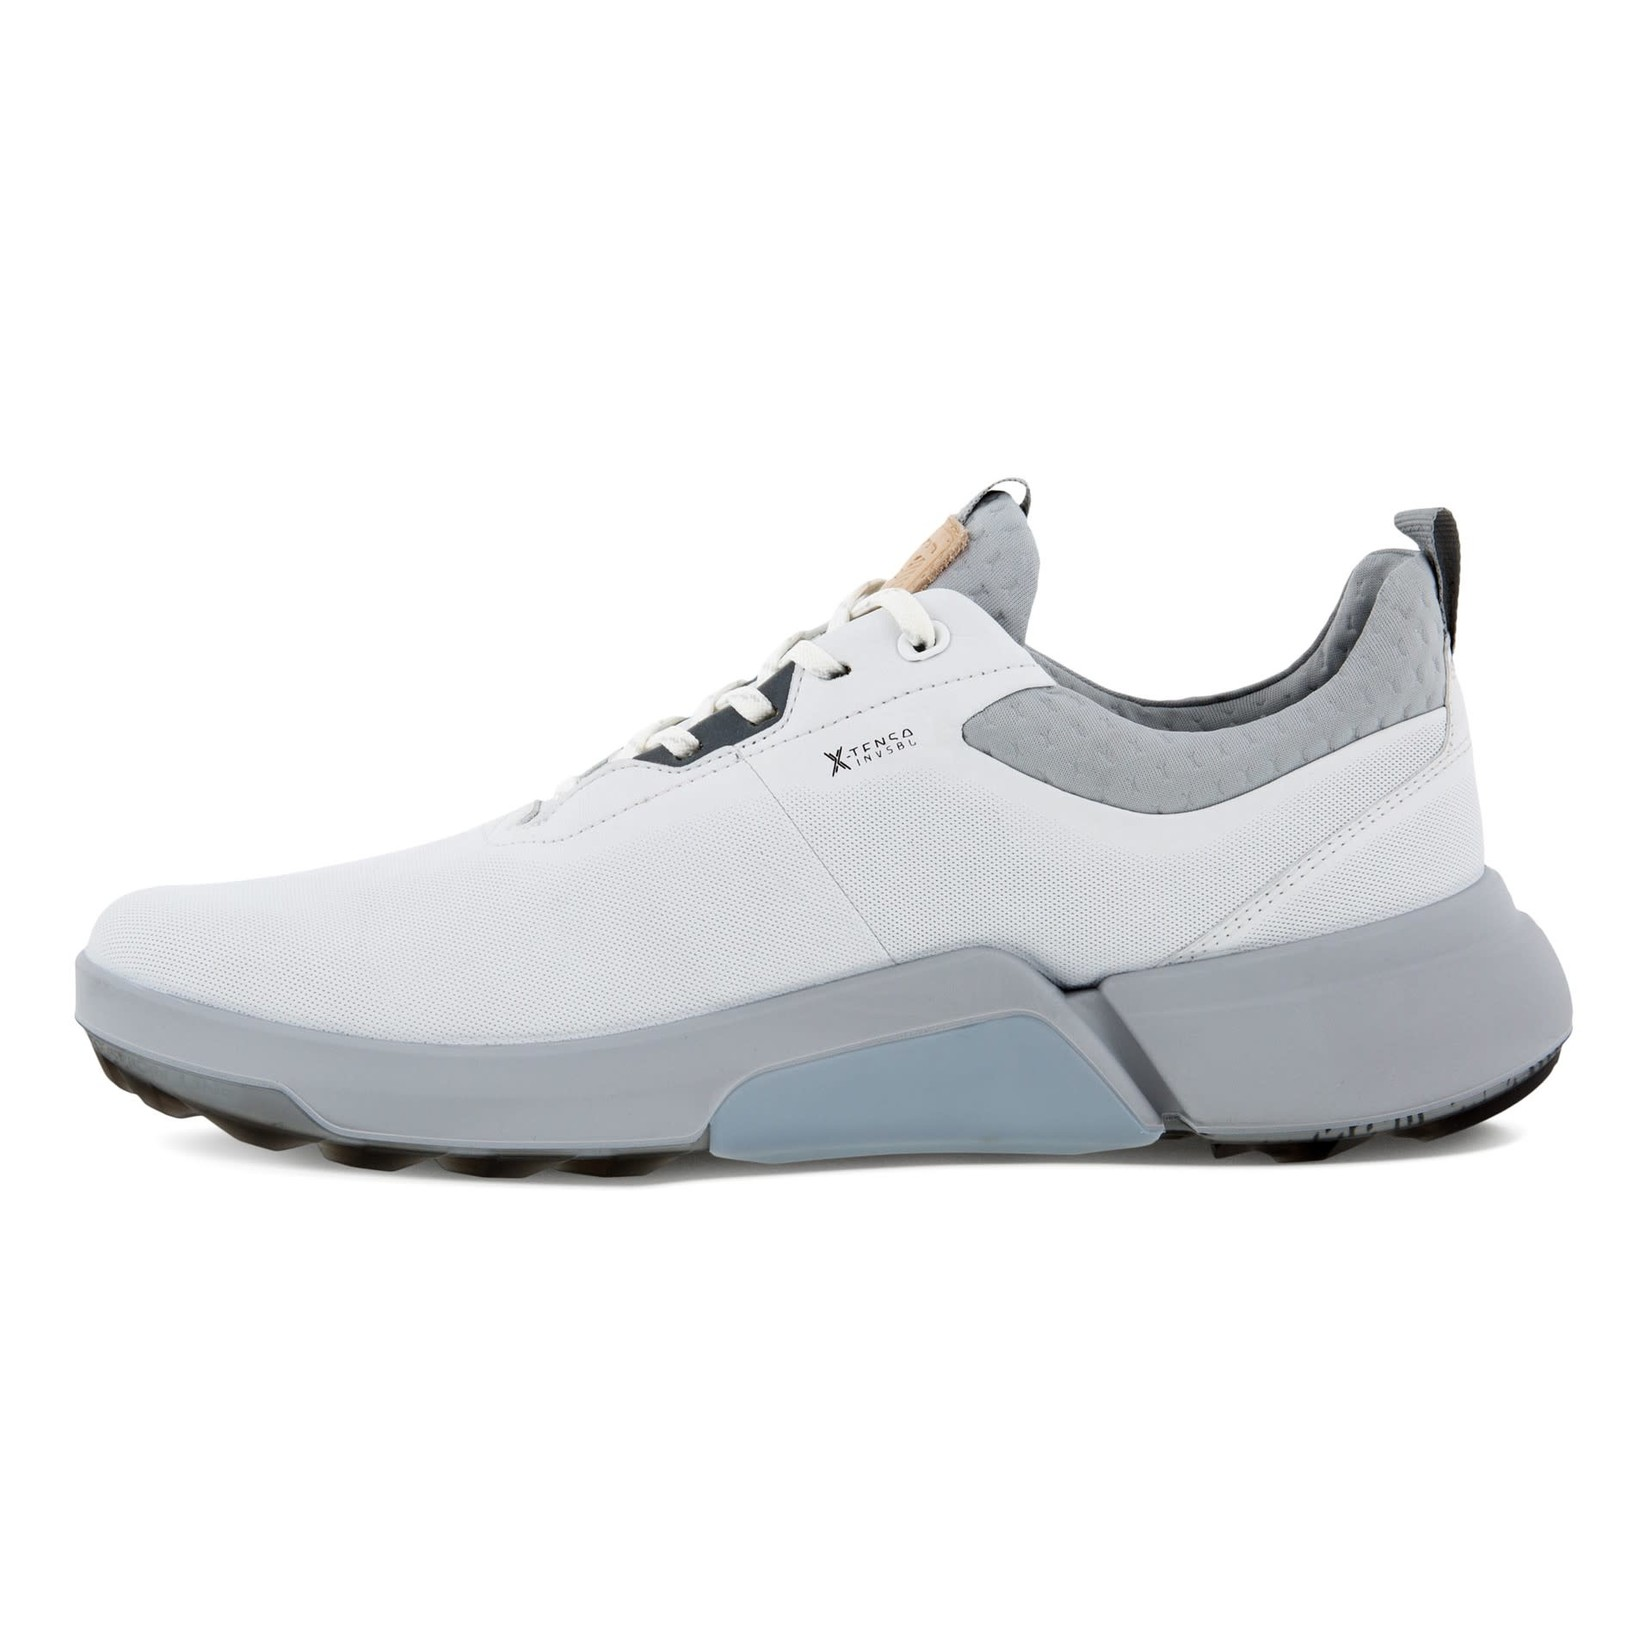 Ecco Ecco M Biom H4 White/Concrete Dritton